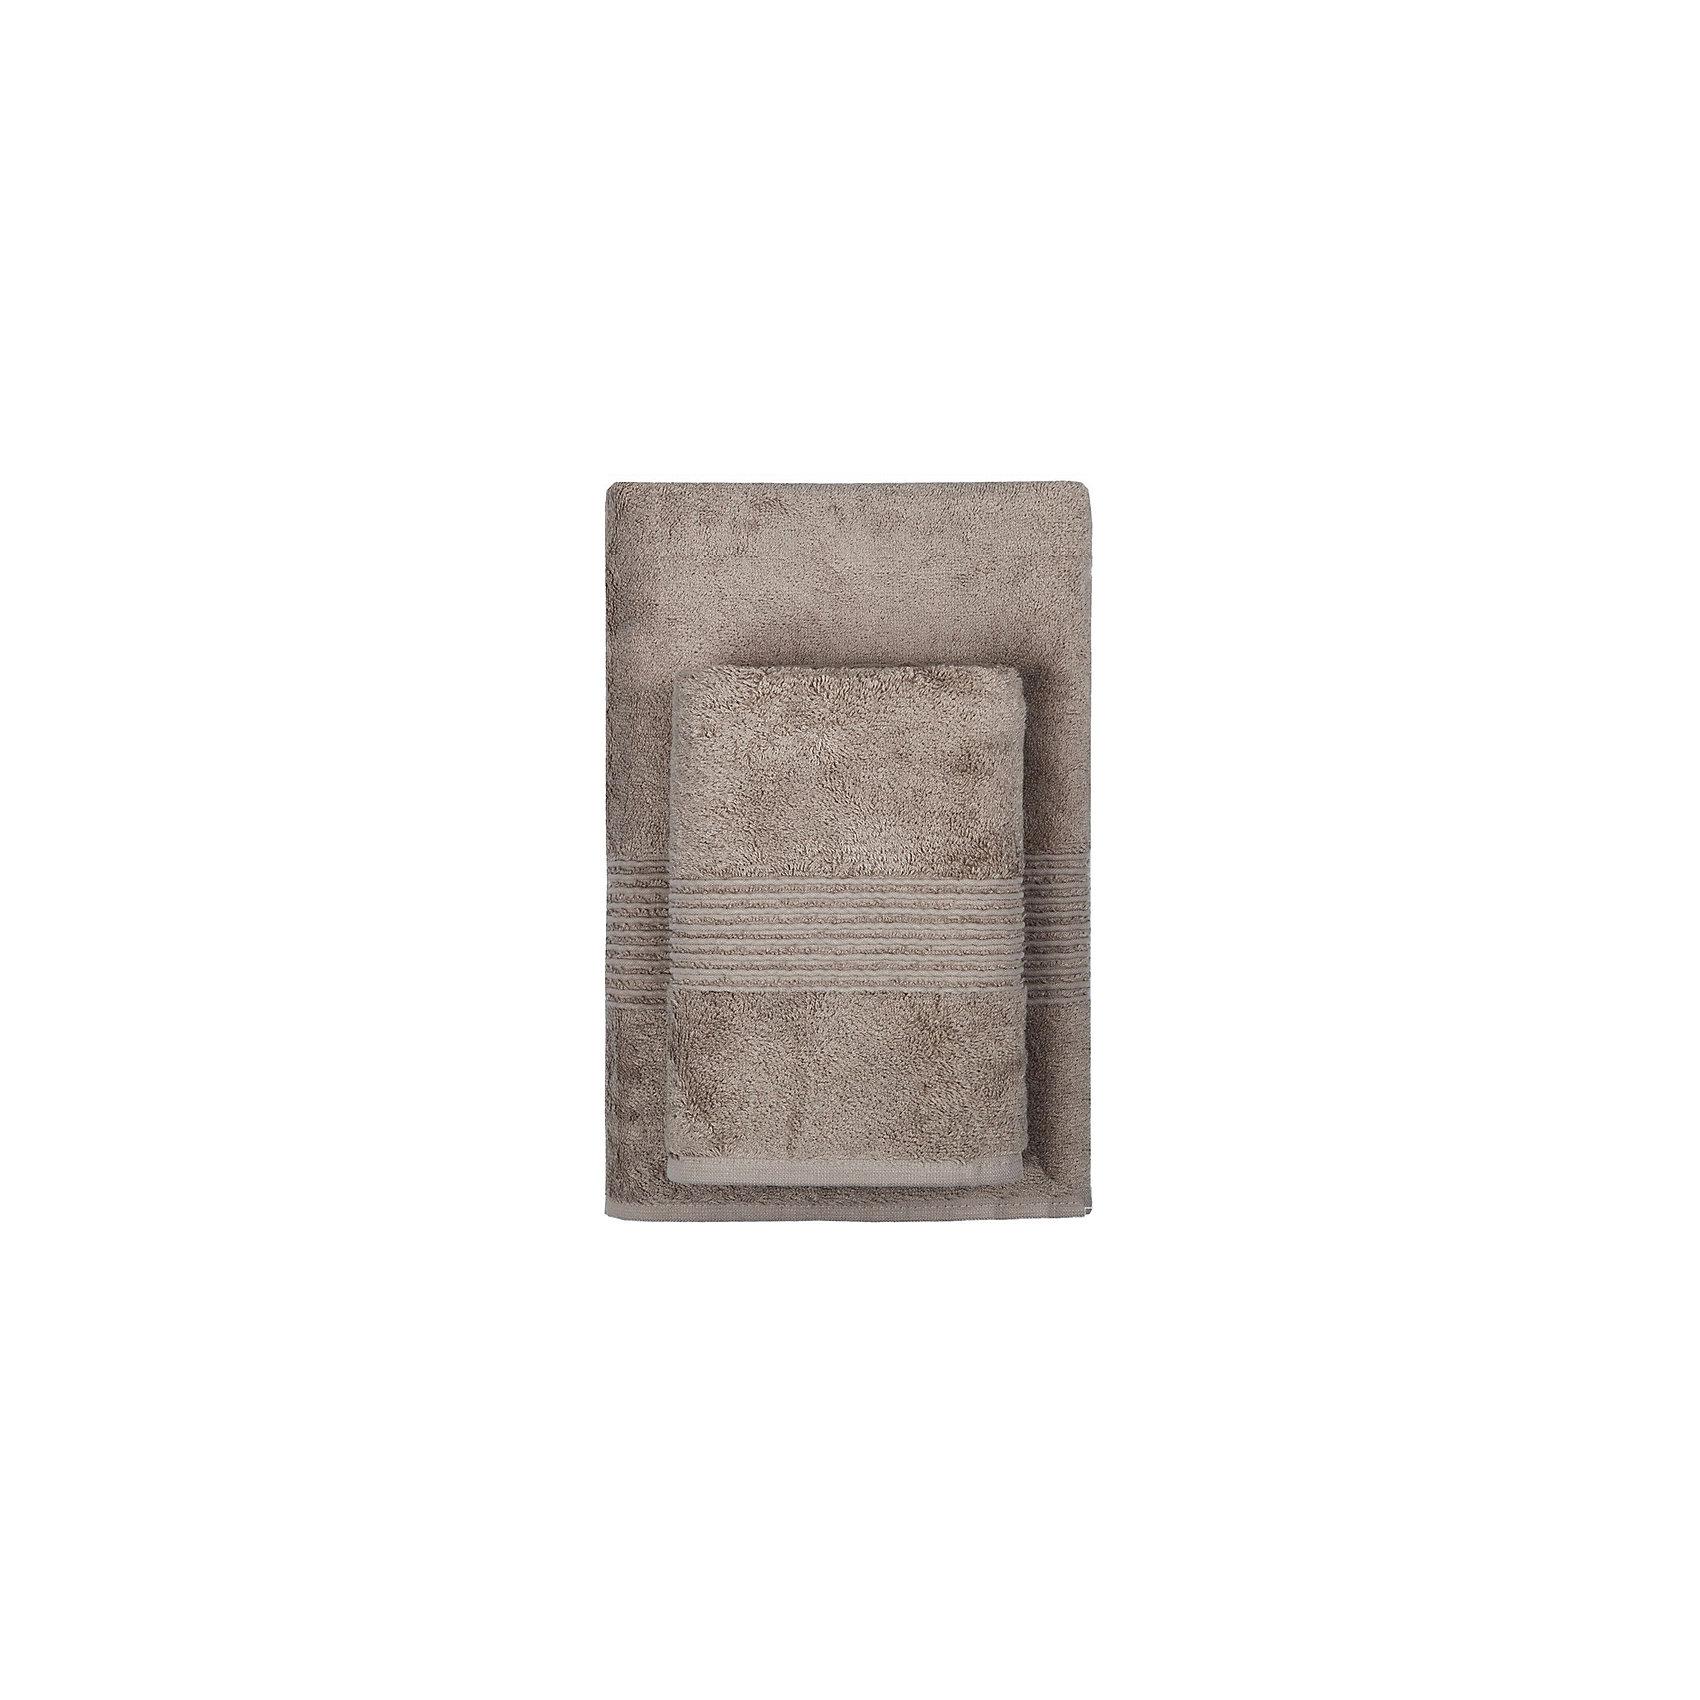 Полотенце махровое Maison Bambu, 50*90, TAC, коричневый (toprak)Ванная комната<br>Характеристики:<br><br>• Вид домашнего текстиля: махровое полотенце<br>• Размеры полотенца: 50*90 см<br>• Рисунок: без рисунка<br>• Декоративные элементы: бордюр<br>• Материал: хлопок, 50% хлопок; бамбук, 50%<br>• Цвет: коричневый<br>• Плотность полотна: 550 гр/м2 <br>• Вес: 260 г<br>• Размеры упаковки (Д*Ш*В): 25*4*25 см<br>• Особенности ухода: машинная стирка <br><br>Полотенце махровое Maison Bambu, 50*90, TAC, коричневый (toprak) от наиболее популярного бренда на отечественном рынке среди производителей комплектов постельного белья и текстильных принадлежностей, выпуском которого занимается производственная компания, являющаяся частью мирового холдинга Zorlu Holding Textiles Group. Полотенце выполнено из сочетания натурального хлопка и бамбукового волокна, что обеспечивает гипоаллергенность, высокую износоустойчивость, повышенные гигкоскопические и антибактериальные свойства изделия. <br><br>Благодаря высокой степени плотности махры, полотенце отлично впитывает влагу, но при этом остается мягким. Ворс окрашен стойкими нетоксичными красителями, который не оставляет запаха и обеспечивает ровный окрас. Полотенце сохраняет свой цвет и форму даже при частых стирках. Выполнено в коричневом цвете без рисунка, декорировано бордюром.<br><br>Полотенце махровое Maison Bambu, 50*90, TAC, коричневый (toprak) можно купить в нашем интернет-магазине.<br><br>Ширина мм: 250<br>Глубина мм: 30<br>Высота мм: 230<br>Вес г: 300<br>Возраст от месяцев: 216<br>Возраст до месяцев: 1188<br>Пол: Унисекс<br>Возраст: Детский<br>SKU: 5476338